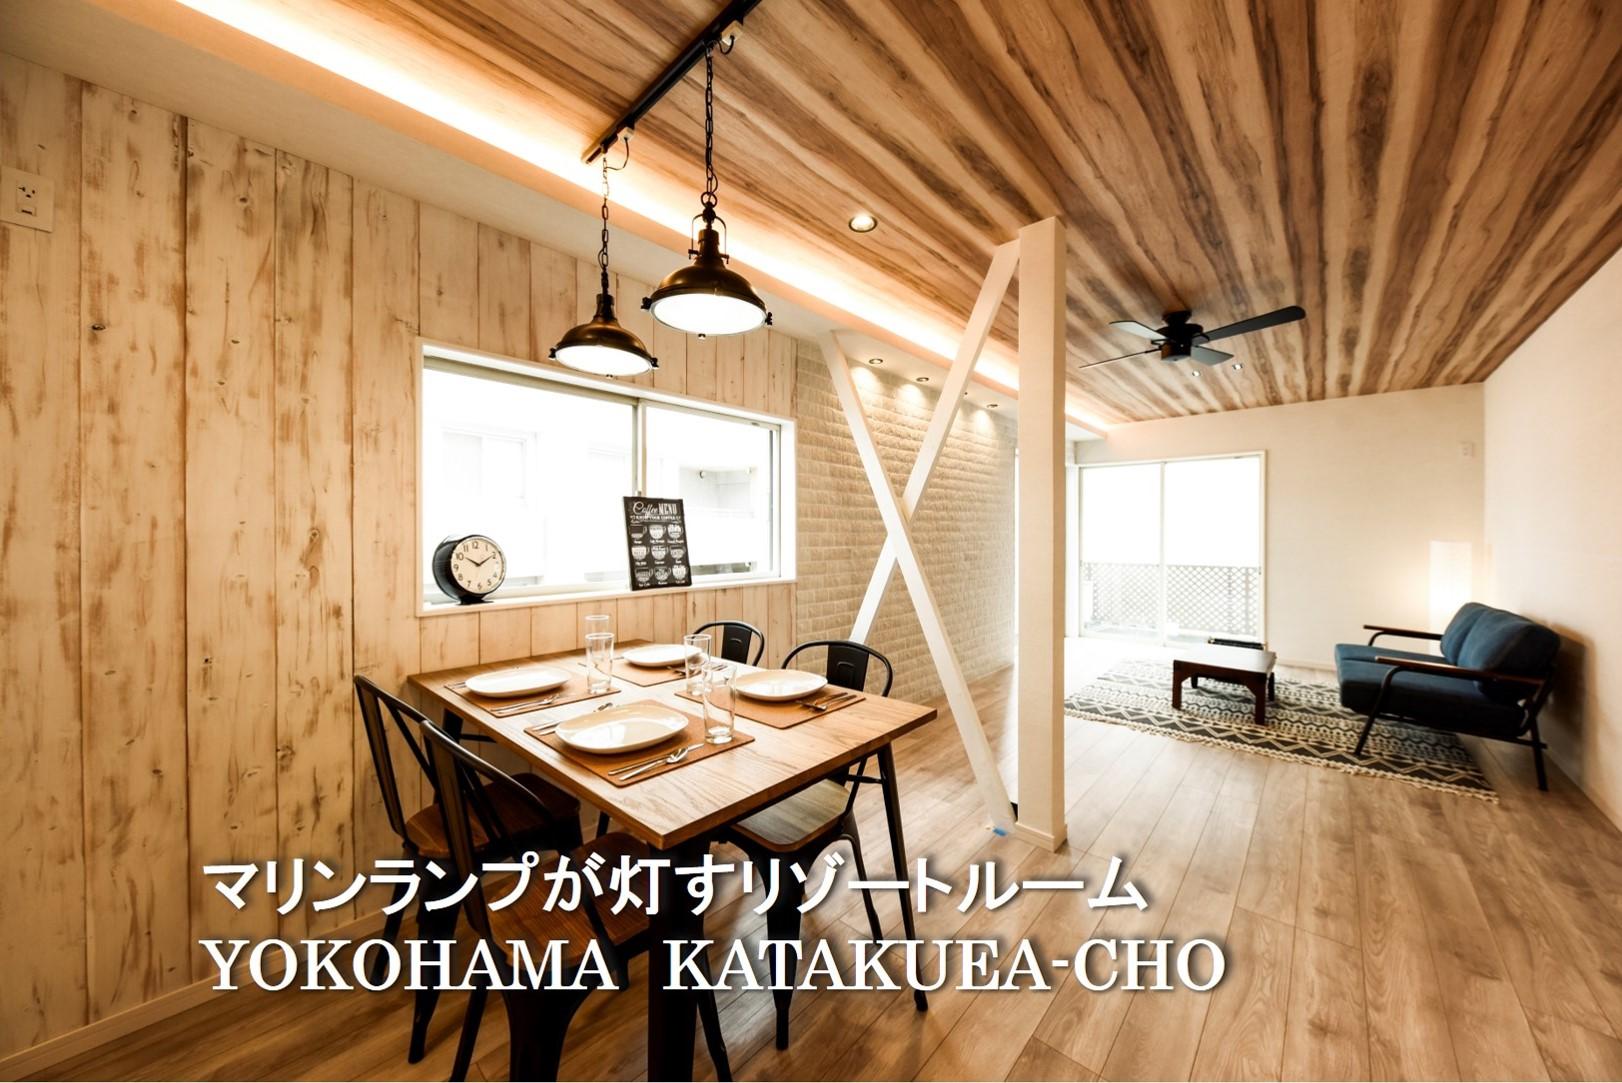 マリンランプが灯すリゾートルーム 片倉町|YOKOHAMA KATAKURA-CHO